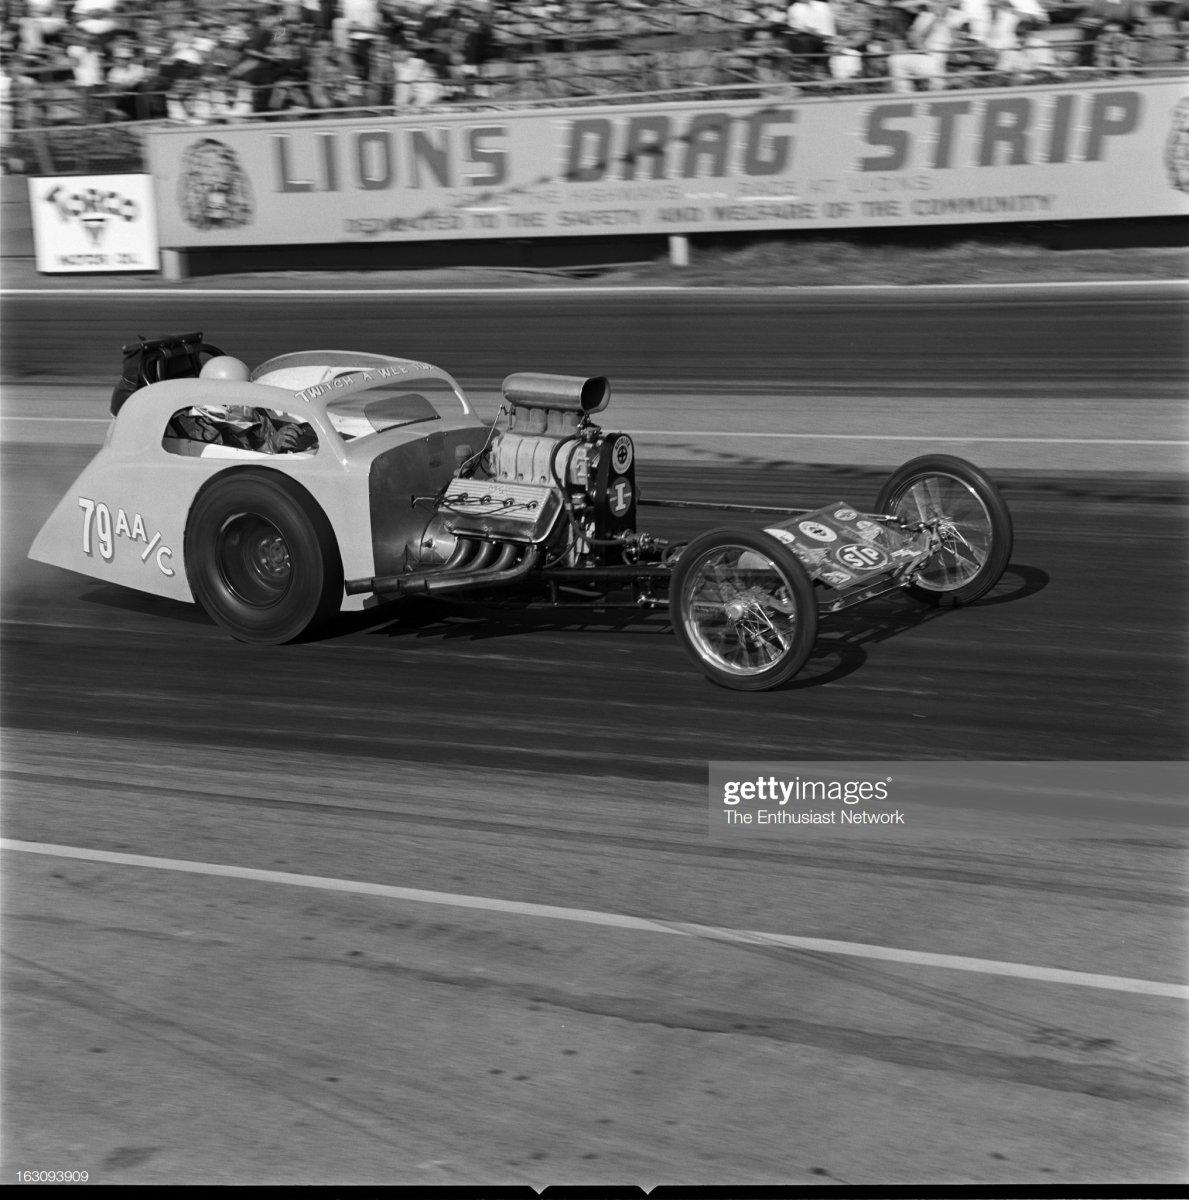 1comp 1965 AHRA Drag Races xxxx.jpg